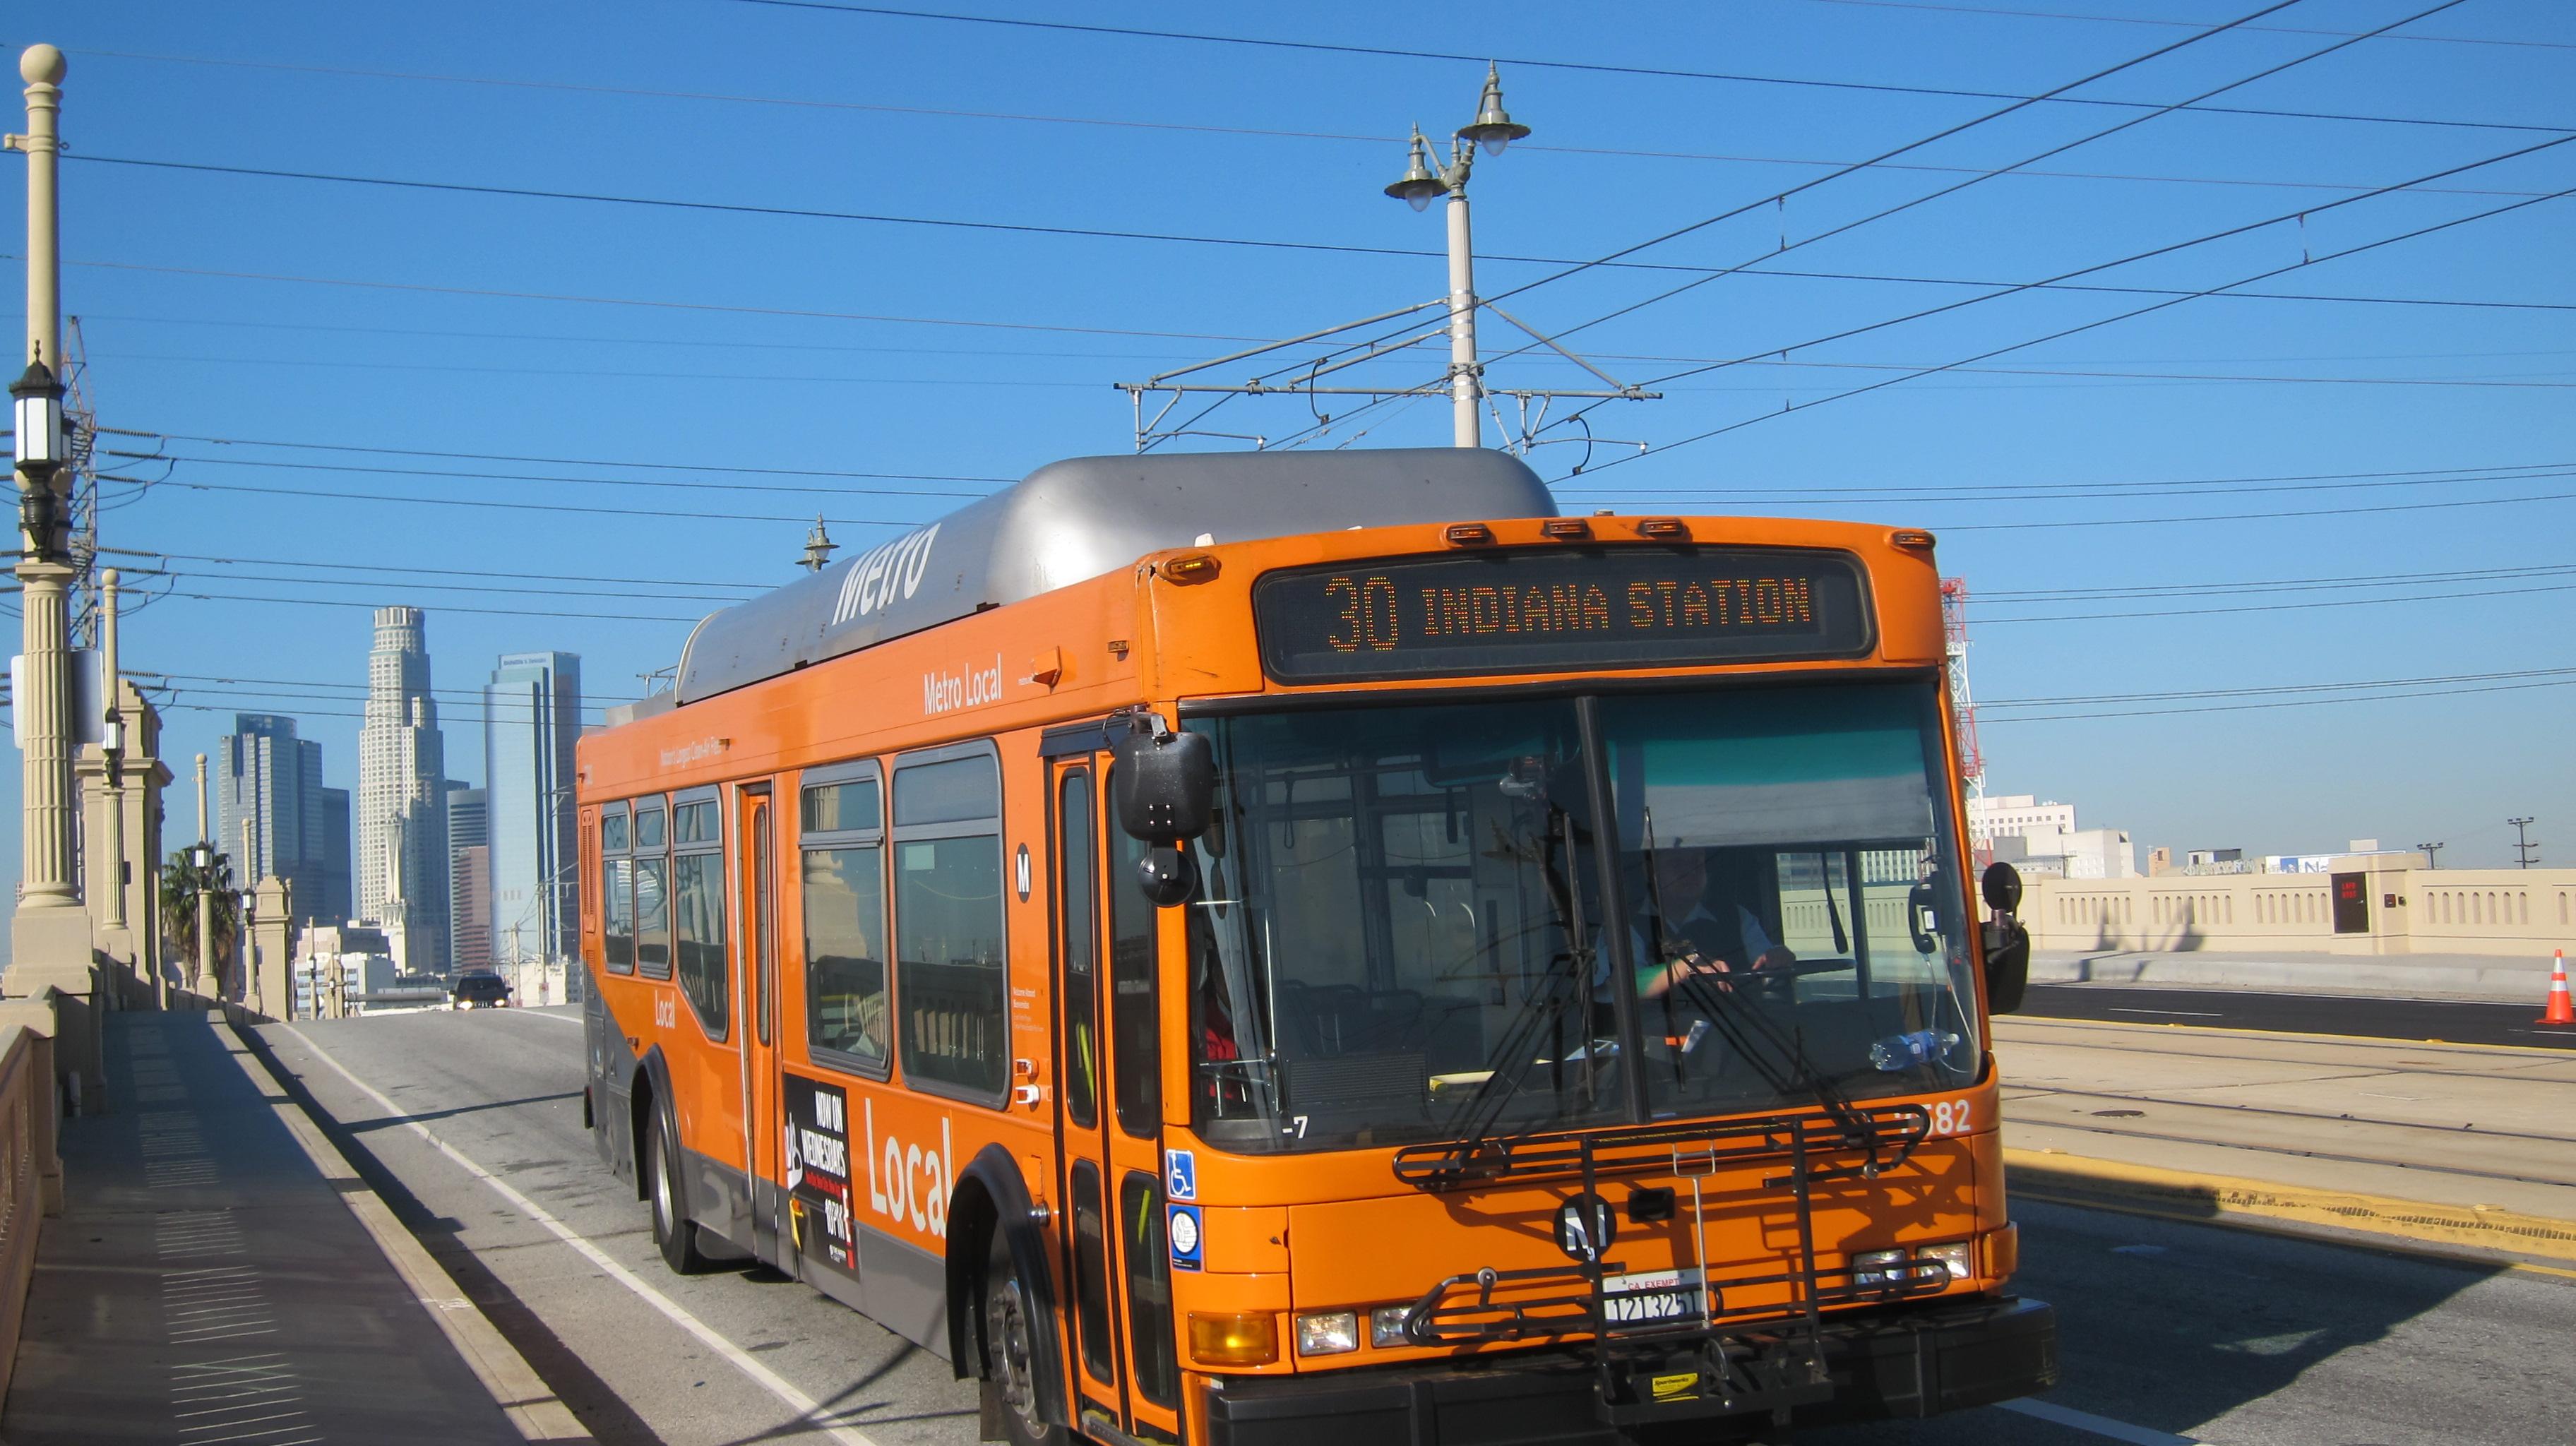 A partir de mañana jueves los autobuses de la línea 30 ya no tendrán que desviarse hasta la autopista 101 para poder llegar al centro de Los Angeles. (Foto Luis Inzunza/El Pasajero).